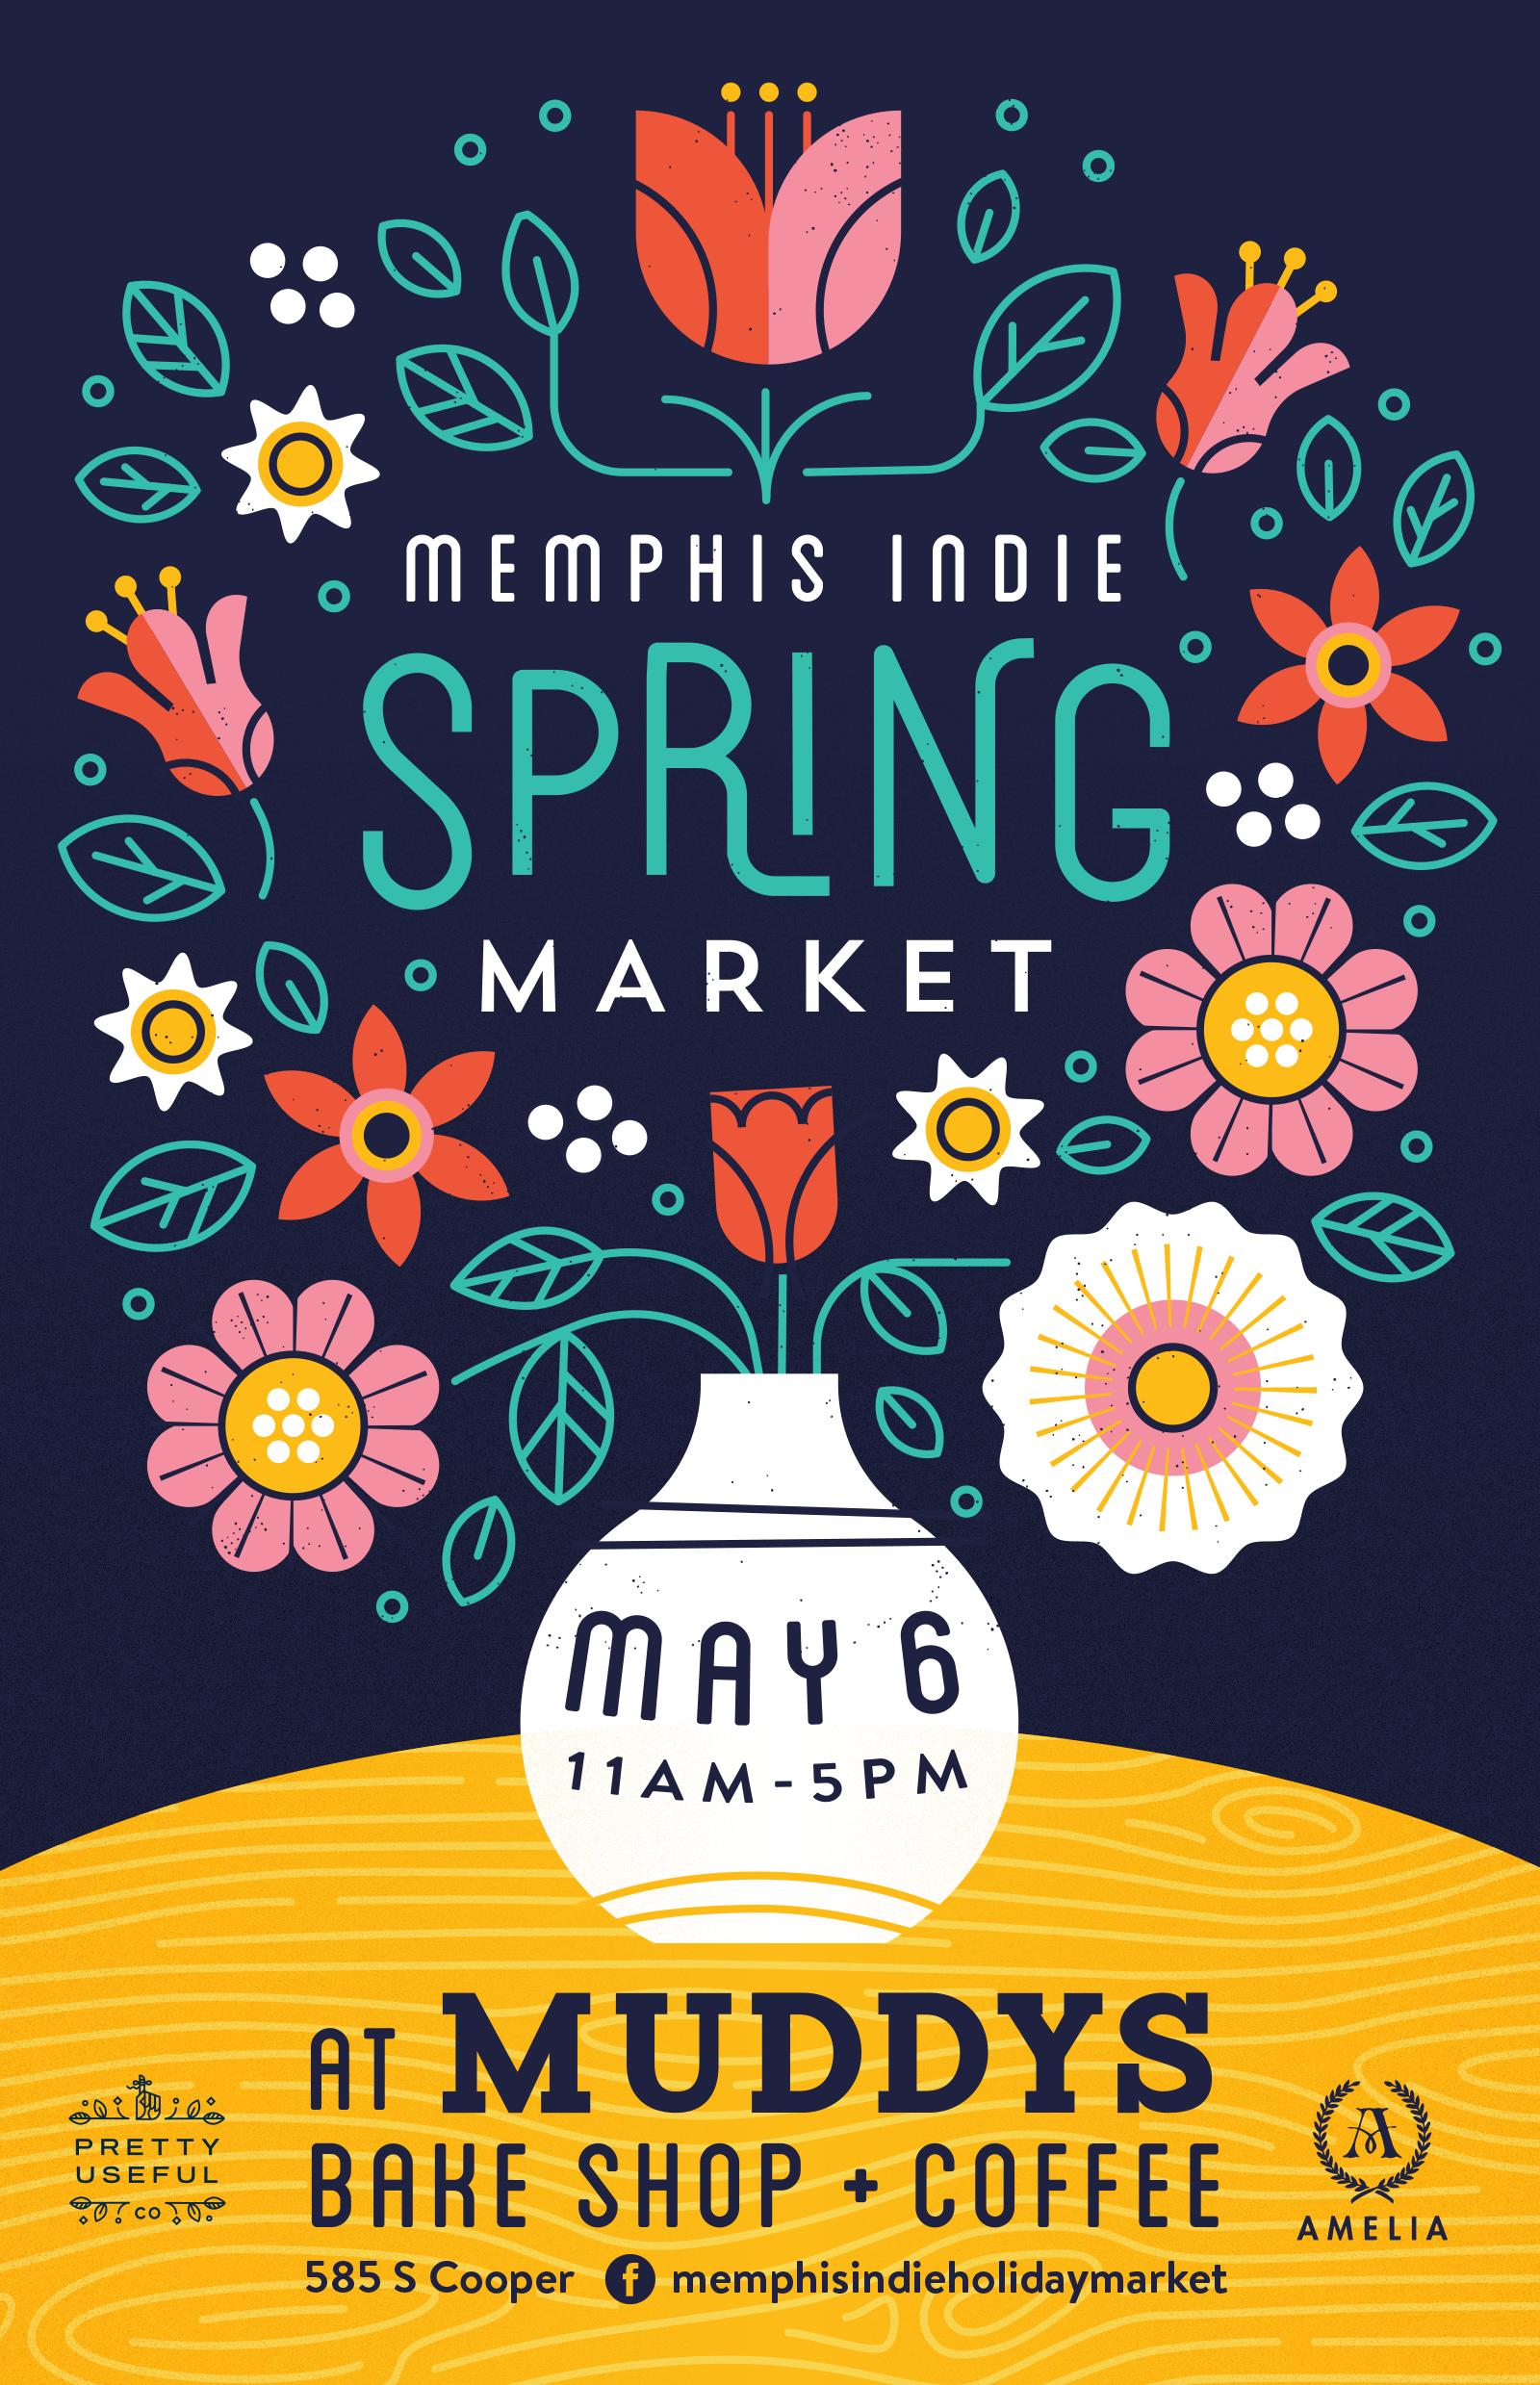 Muddy's Maker Market Spring 2018